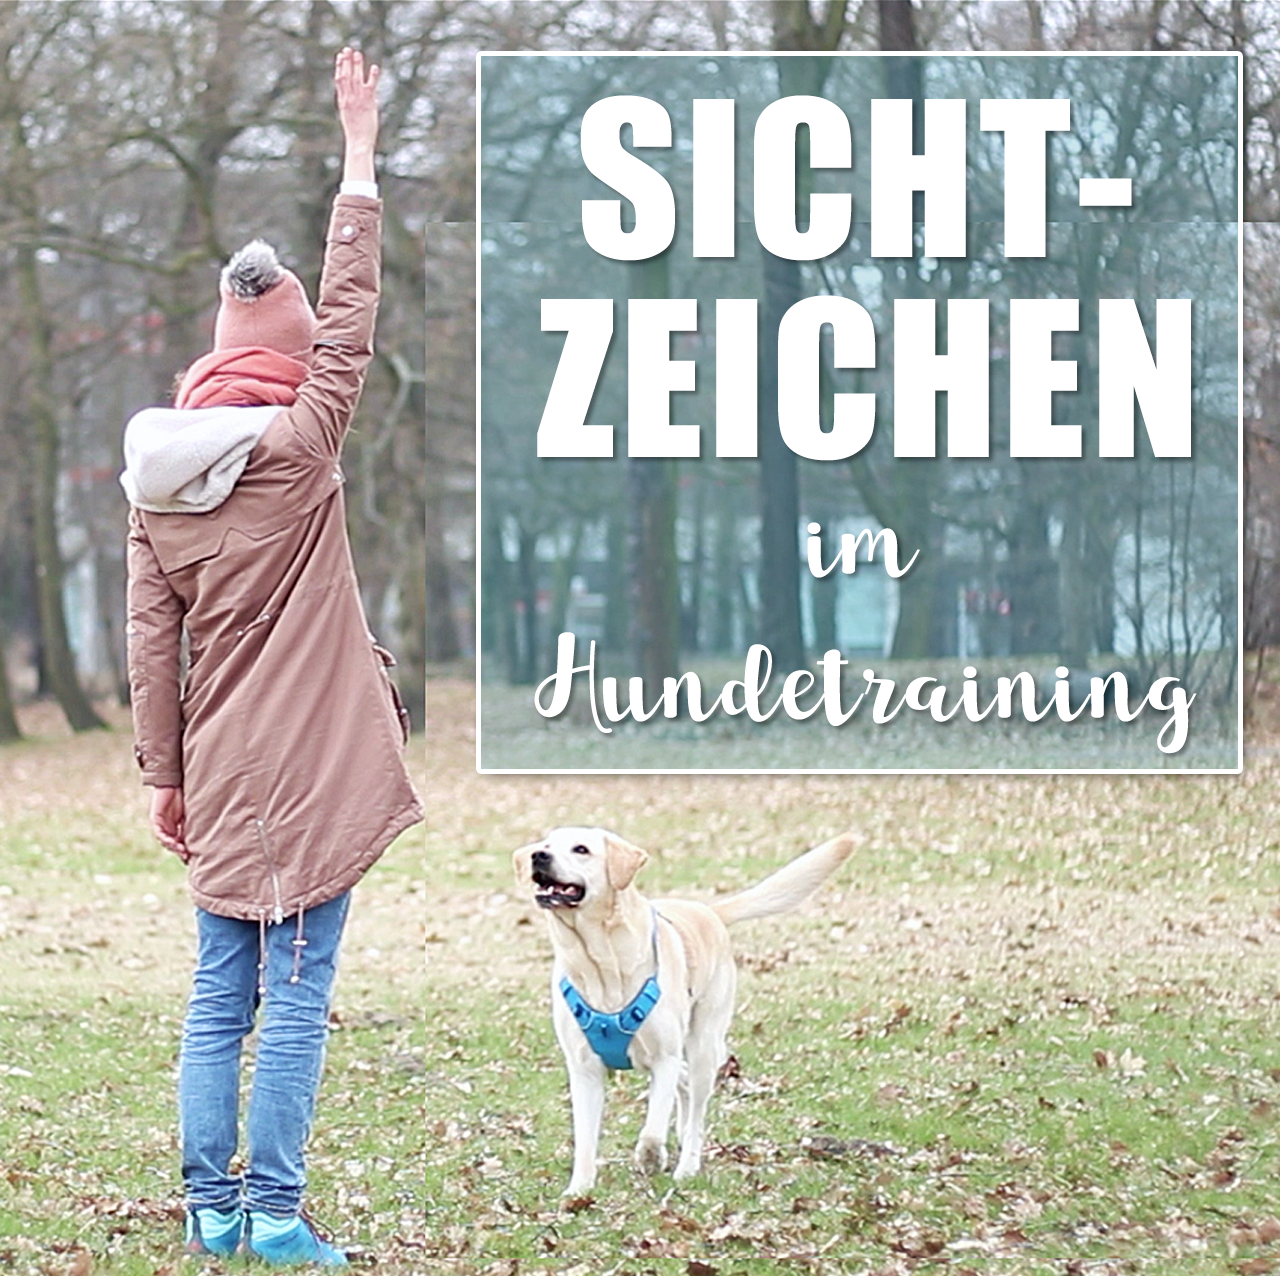 Hundetraining Mein Hund Hort Nicht Die Wichtigkeit Von Sichtzeichen Und Ruckruftraining Als Hundetraining Mi Hundchen Training Hundetraining Hundeerziehung